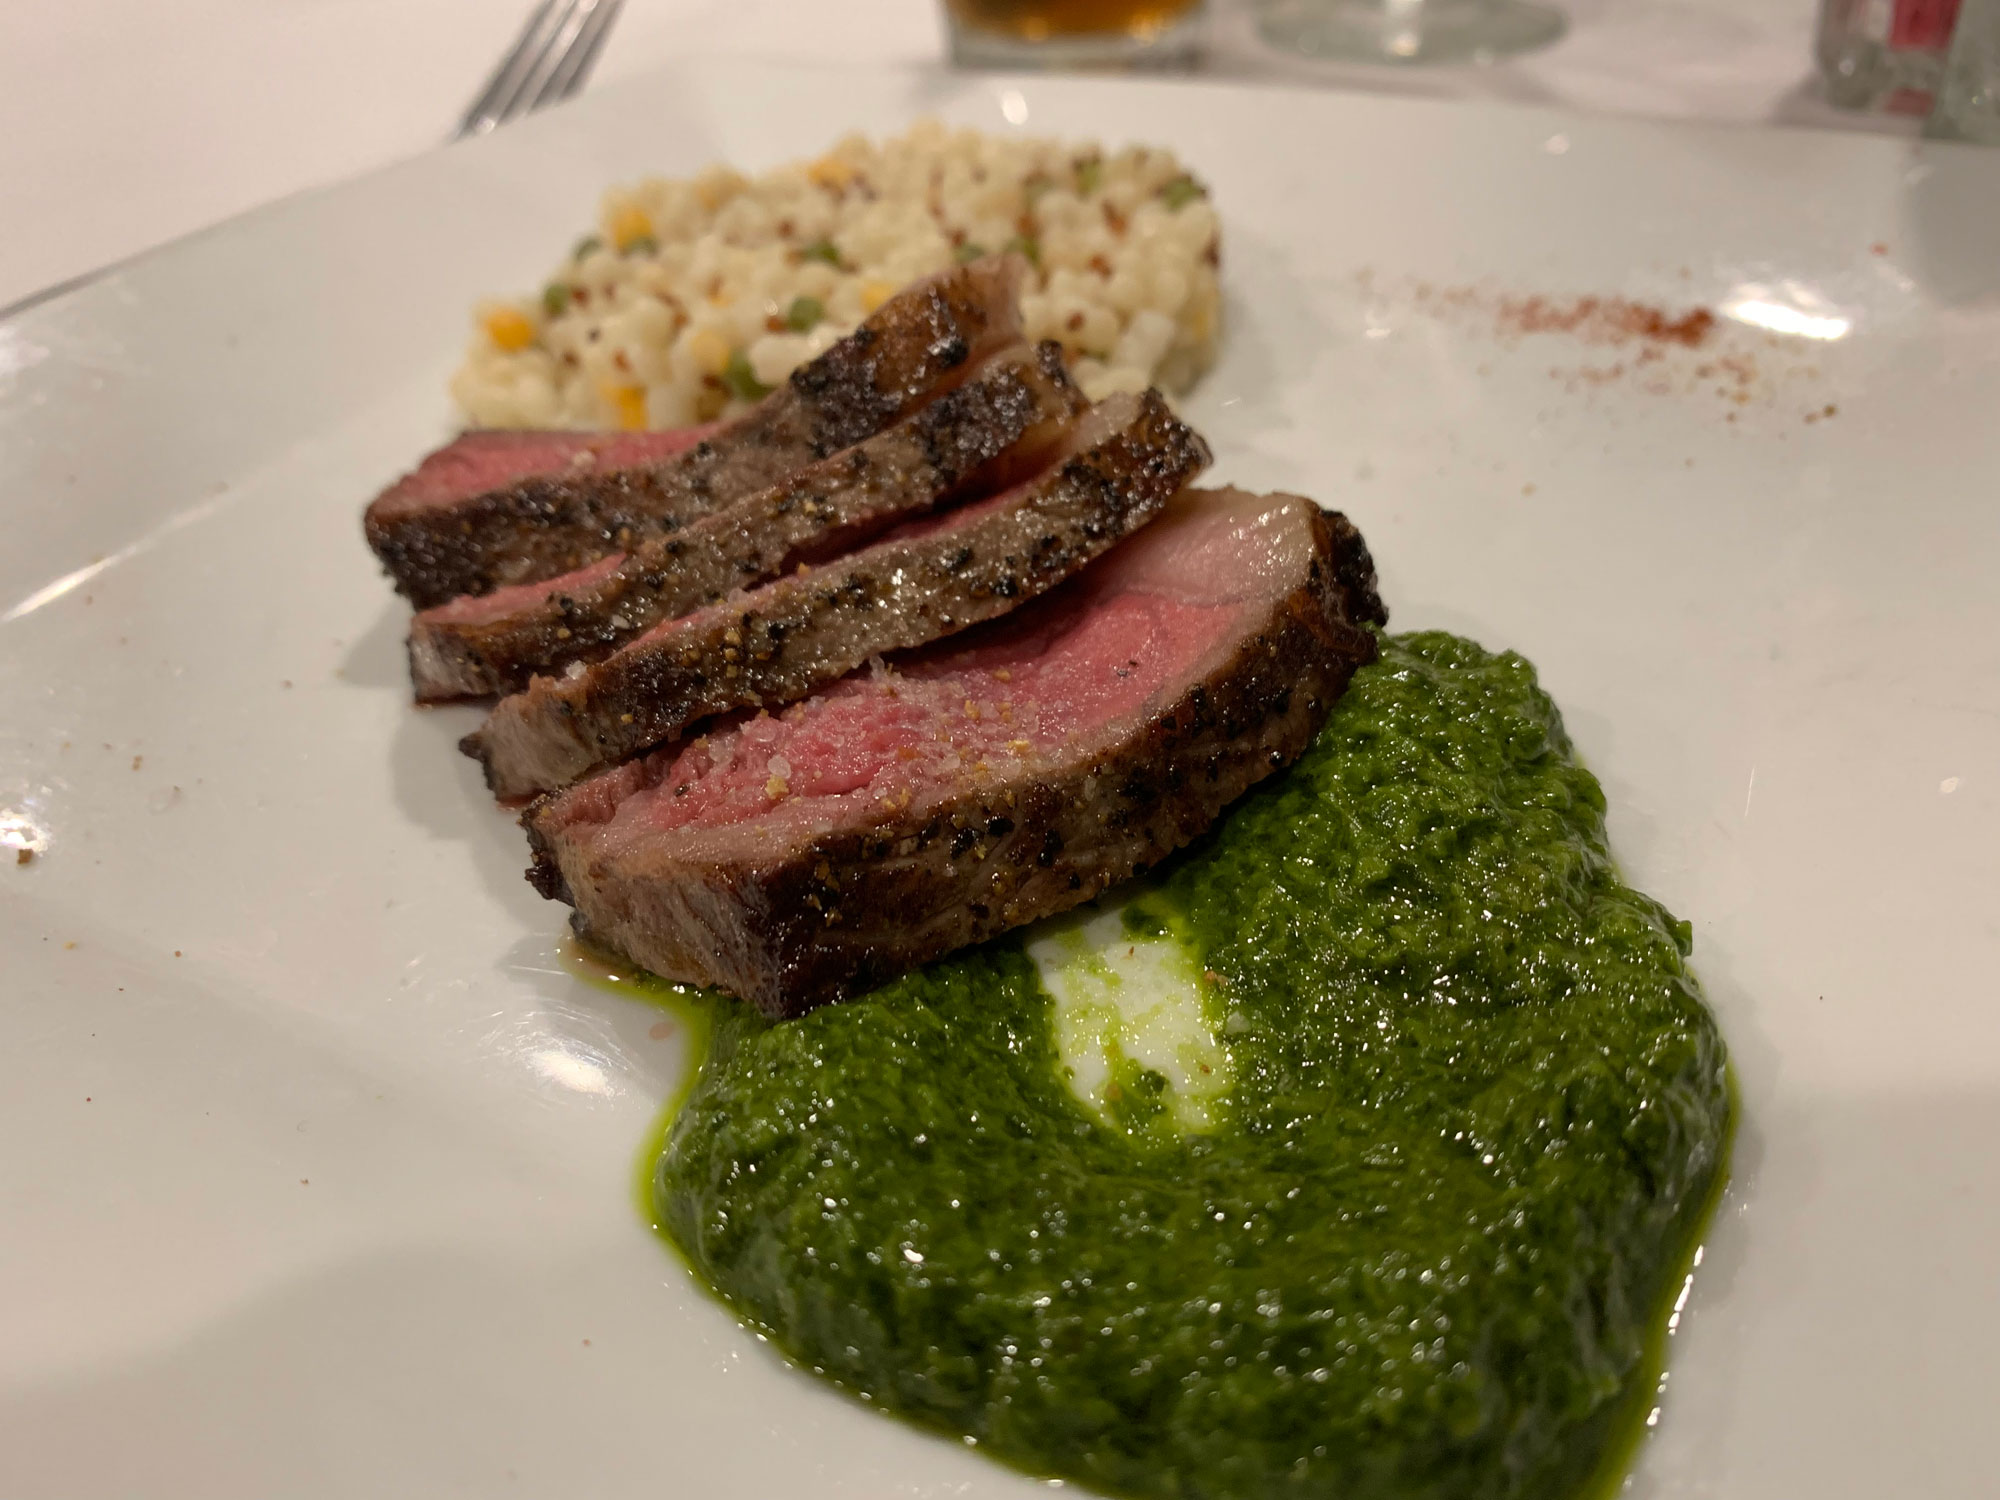 Wagyu Steak with chimichurri sauce